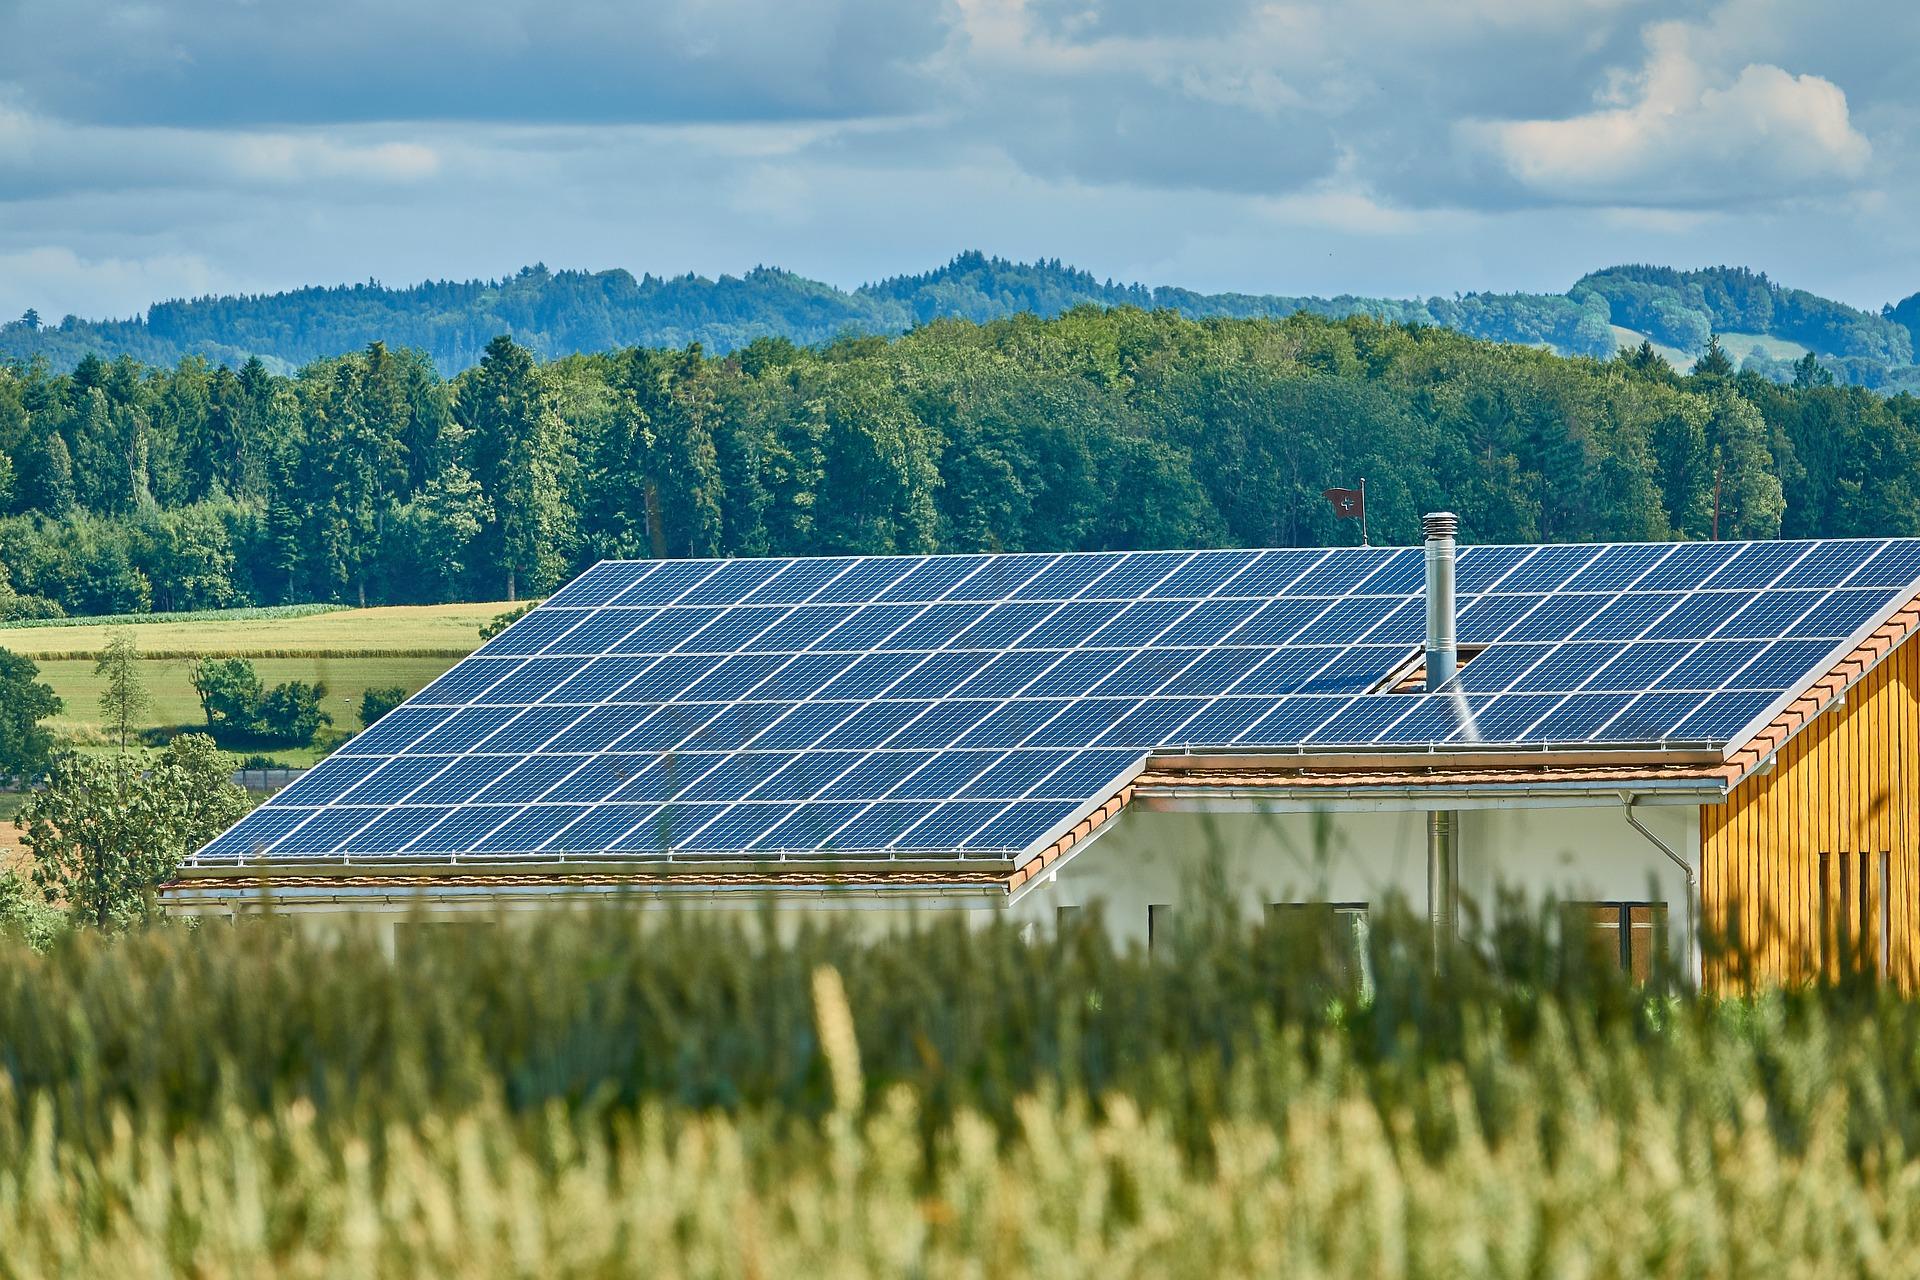 instalación aislada fotovoltaica